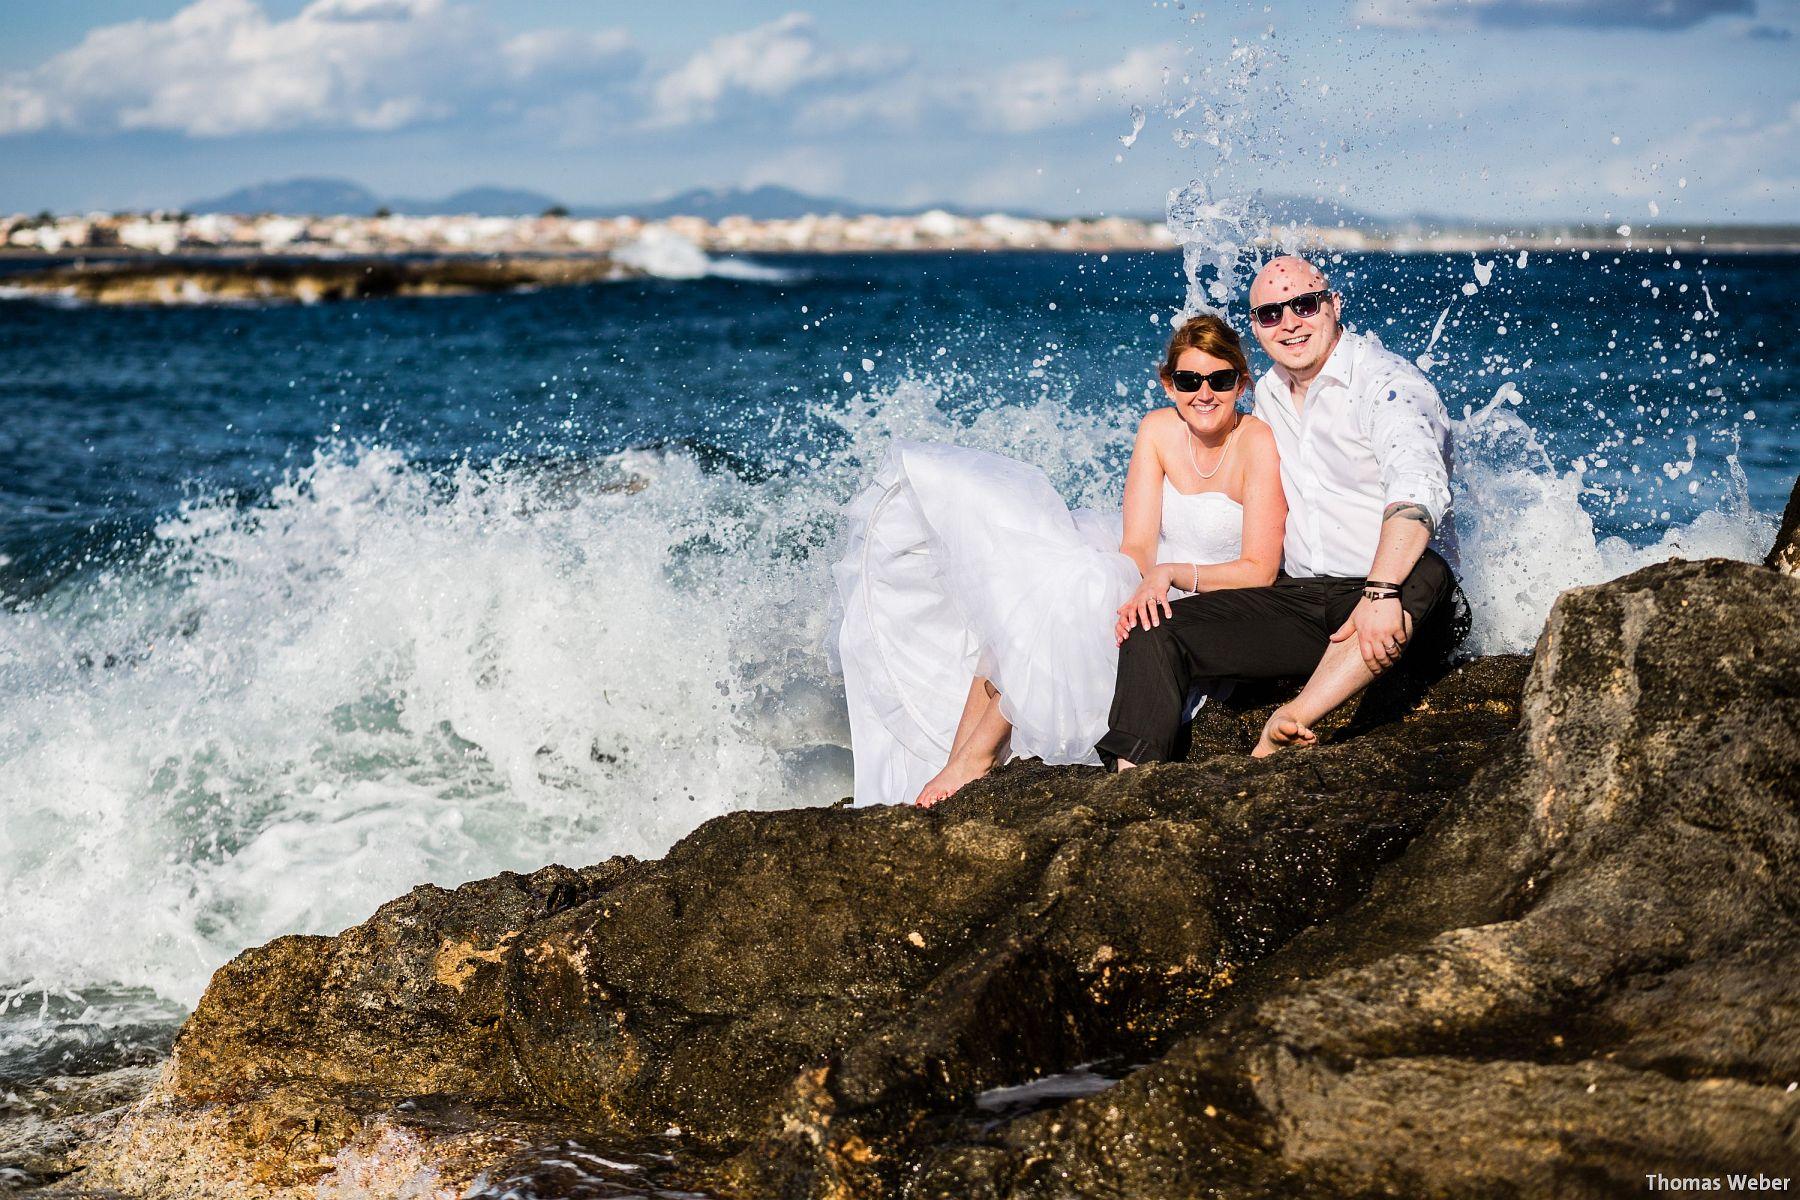 Hochzeitsfotograf Thomas Weber aus Oldenburg: Hochzeitsfotos und Paarfotos auf Mallorca (4)